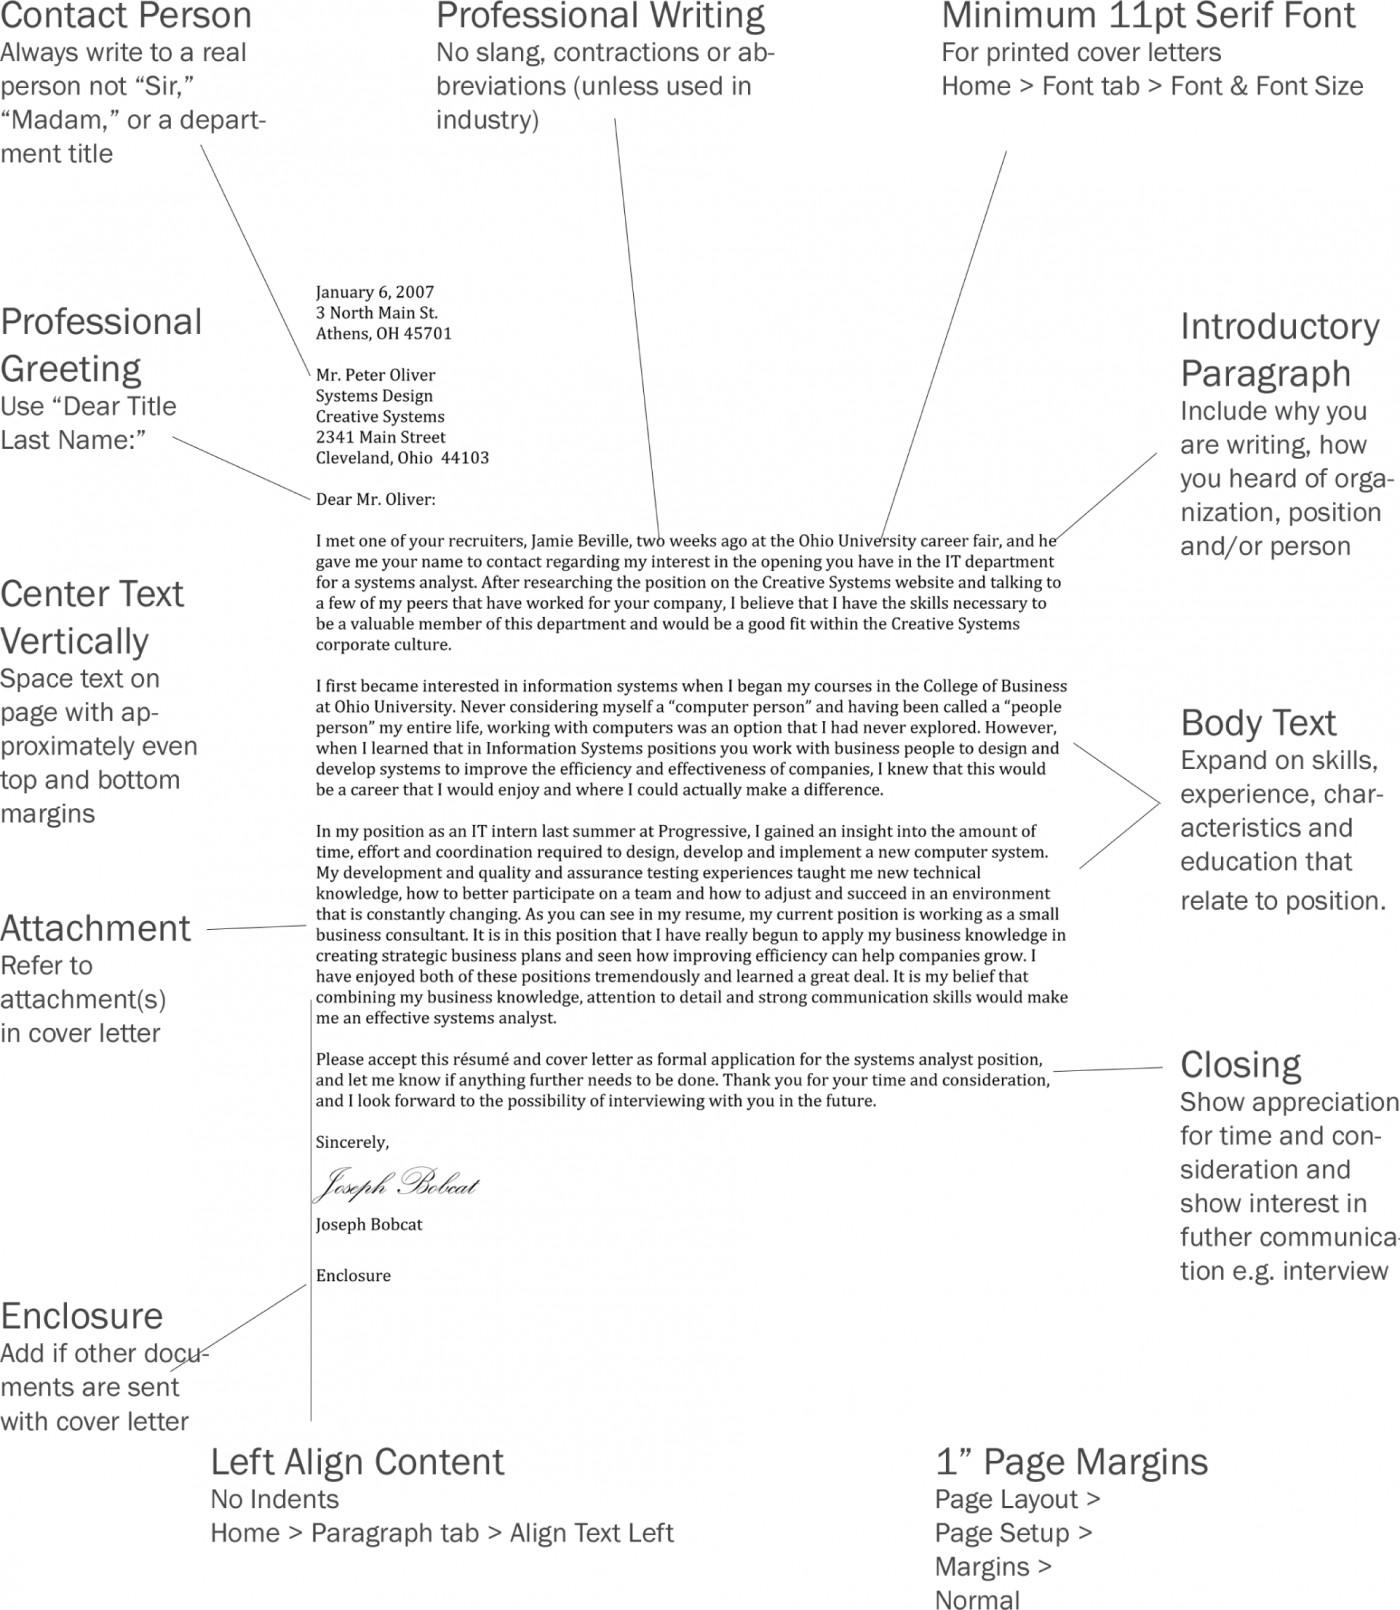 Divorce outline essay